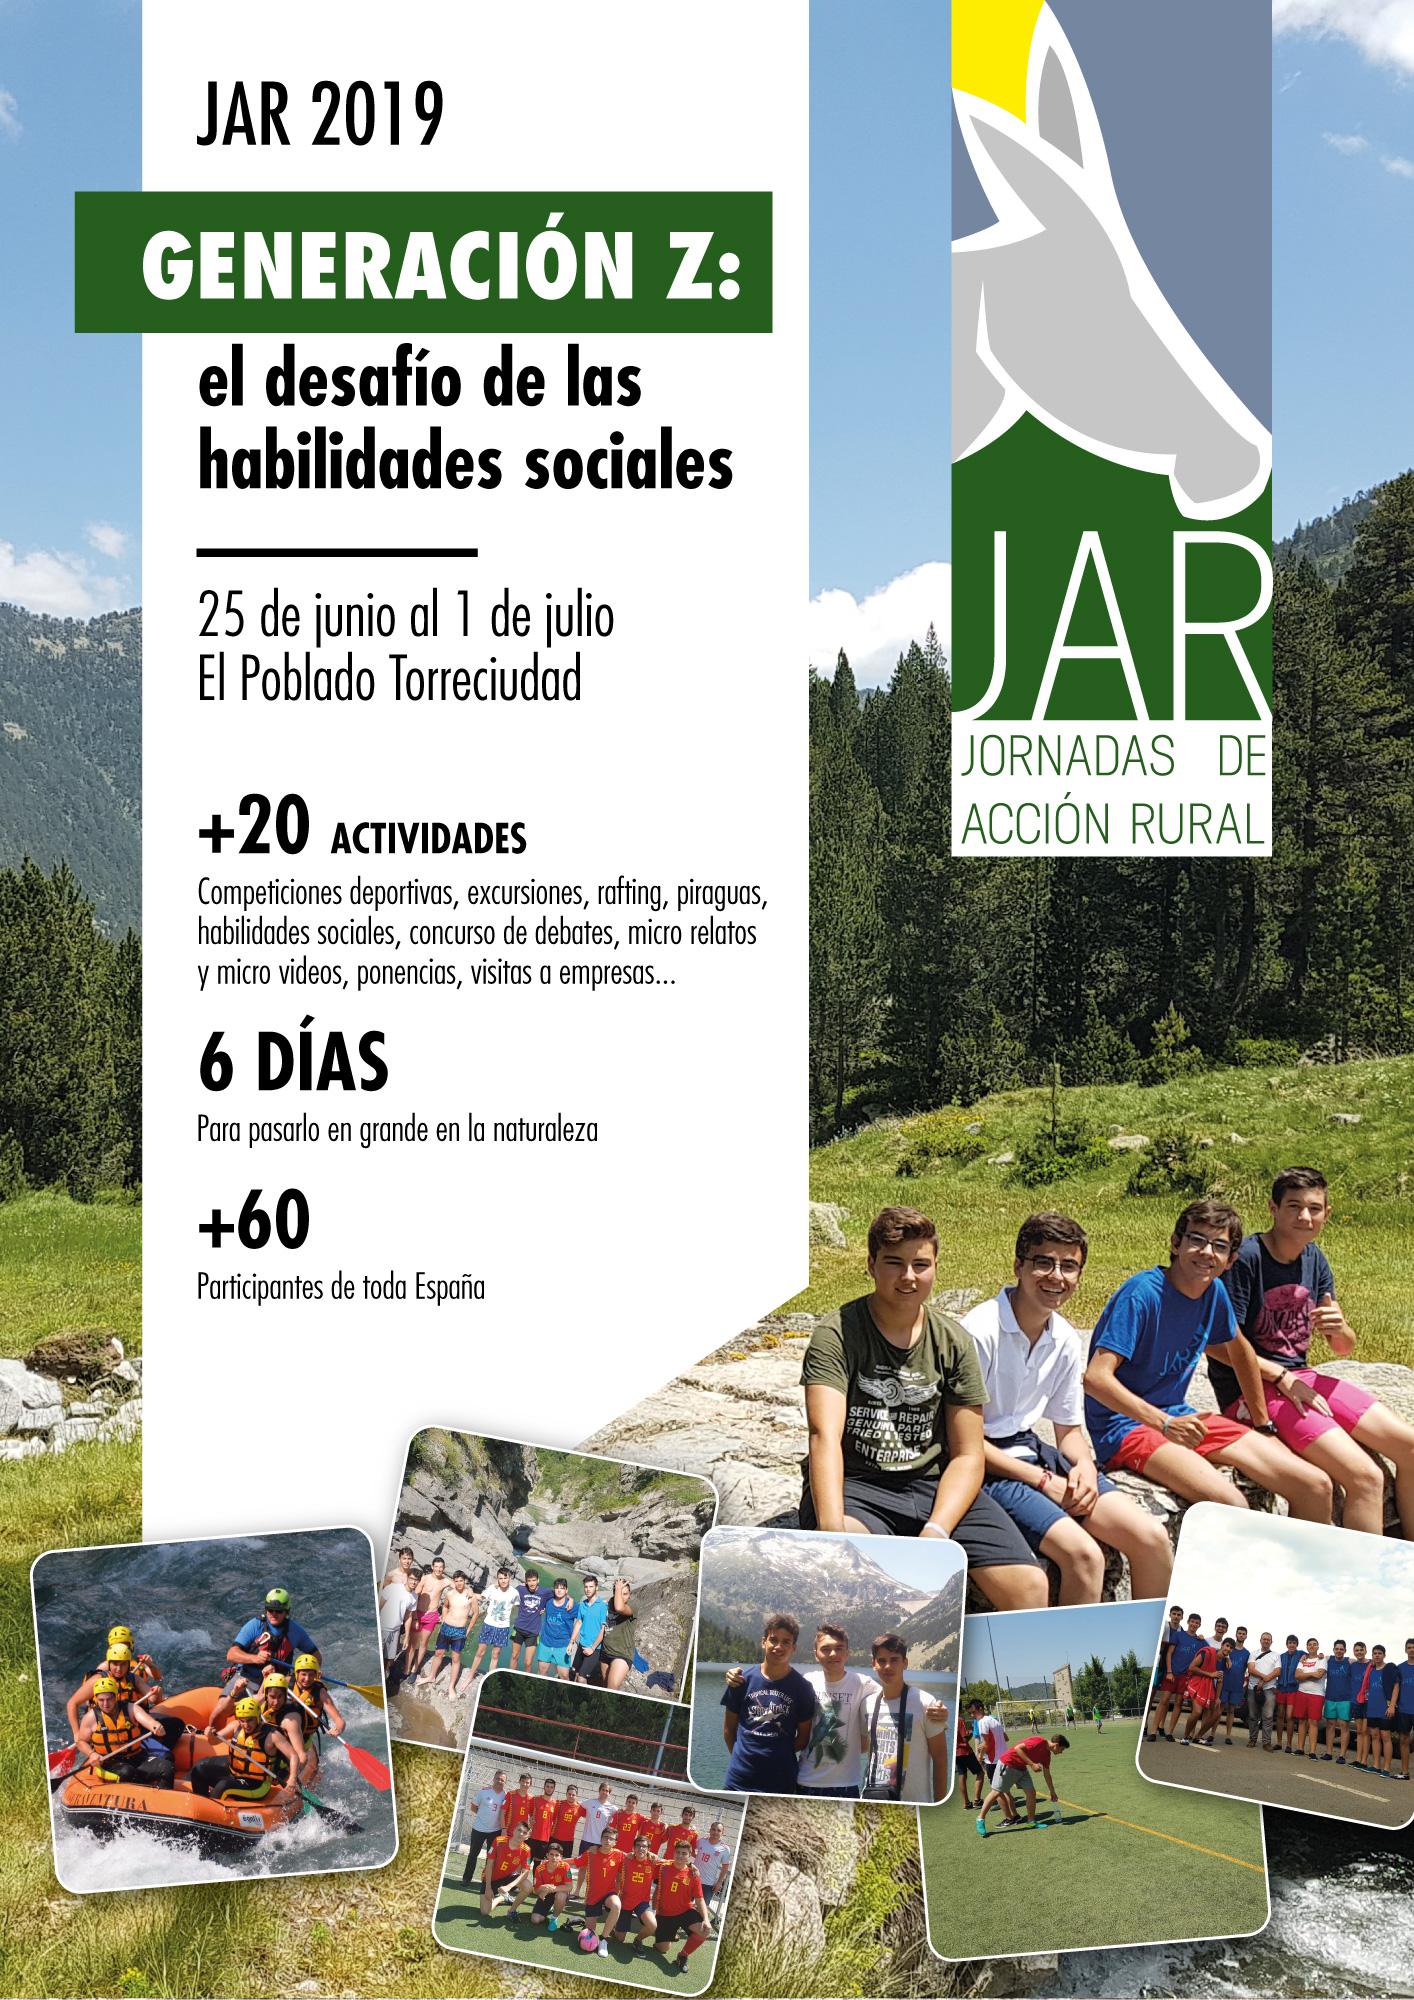 Torrealba participará en las Jornadas de Acción Rural en los Pirineos